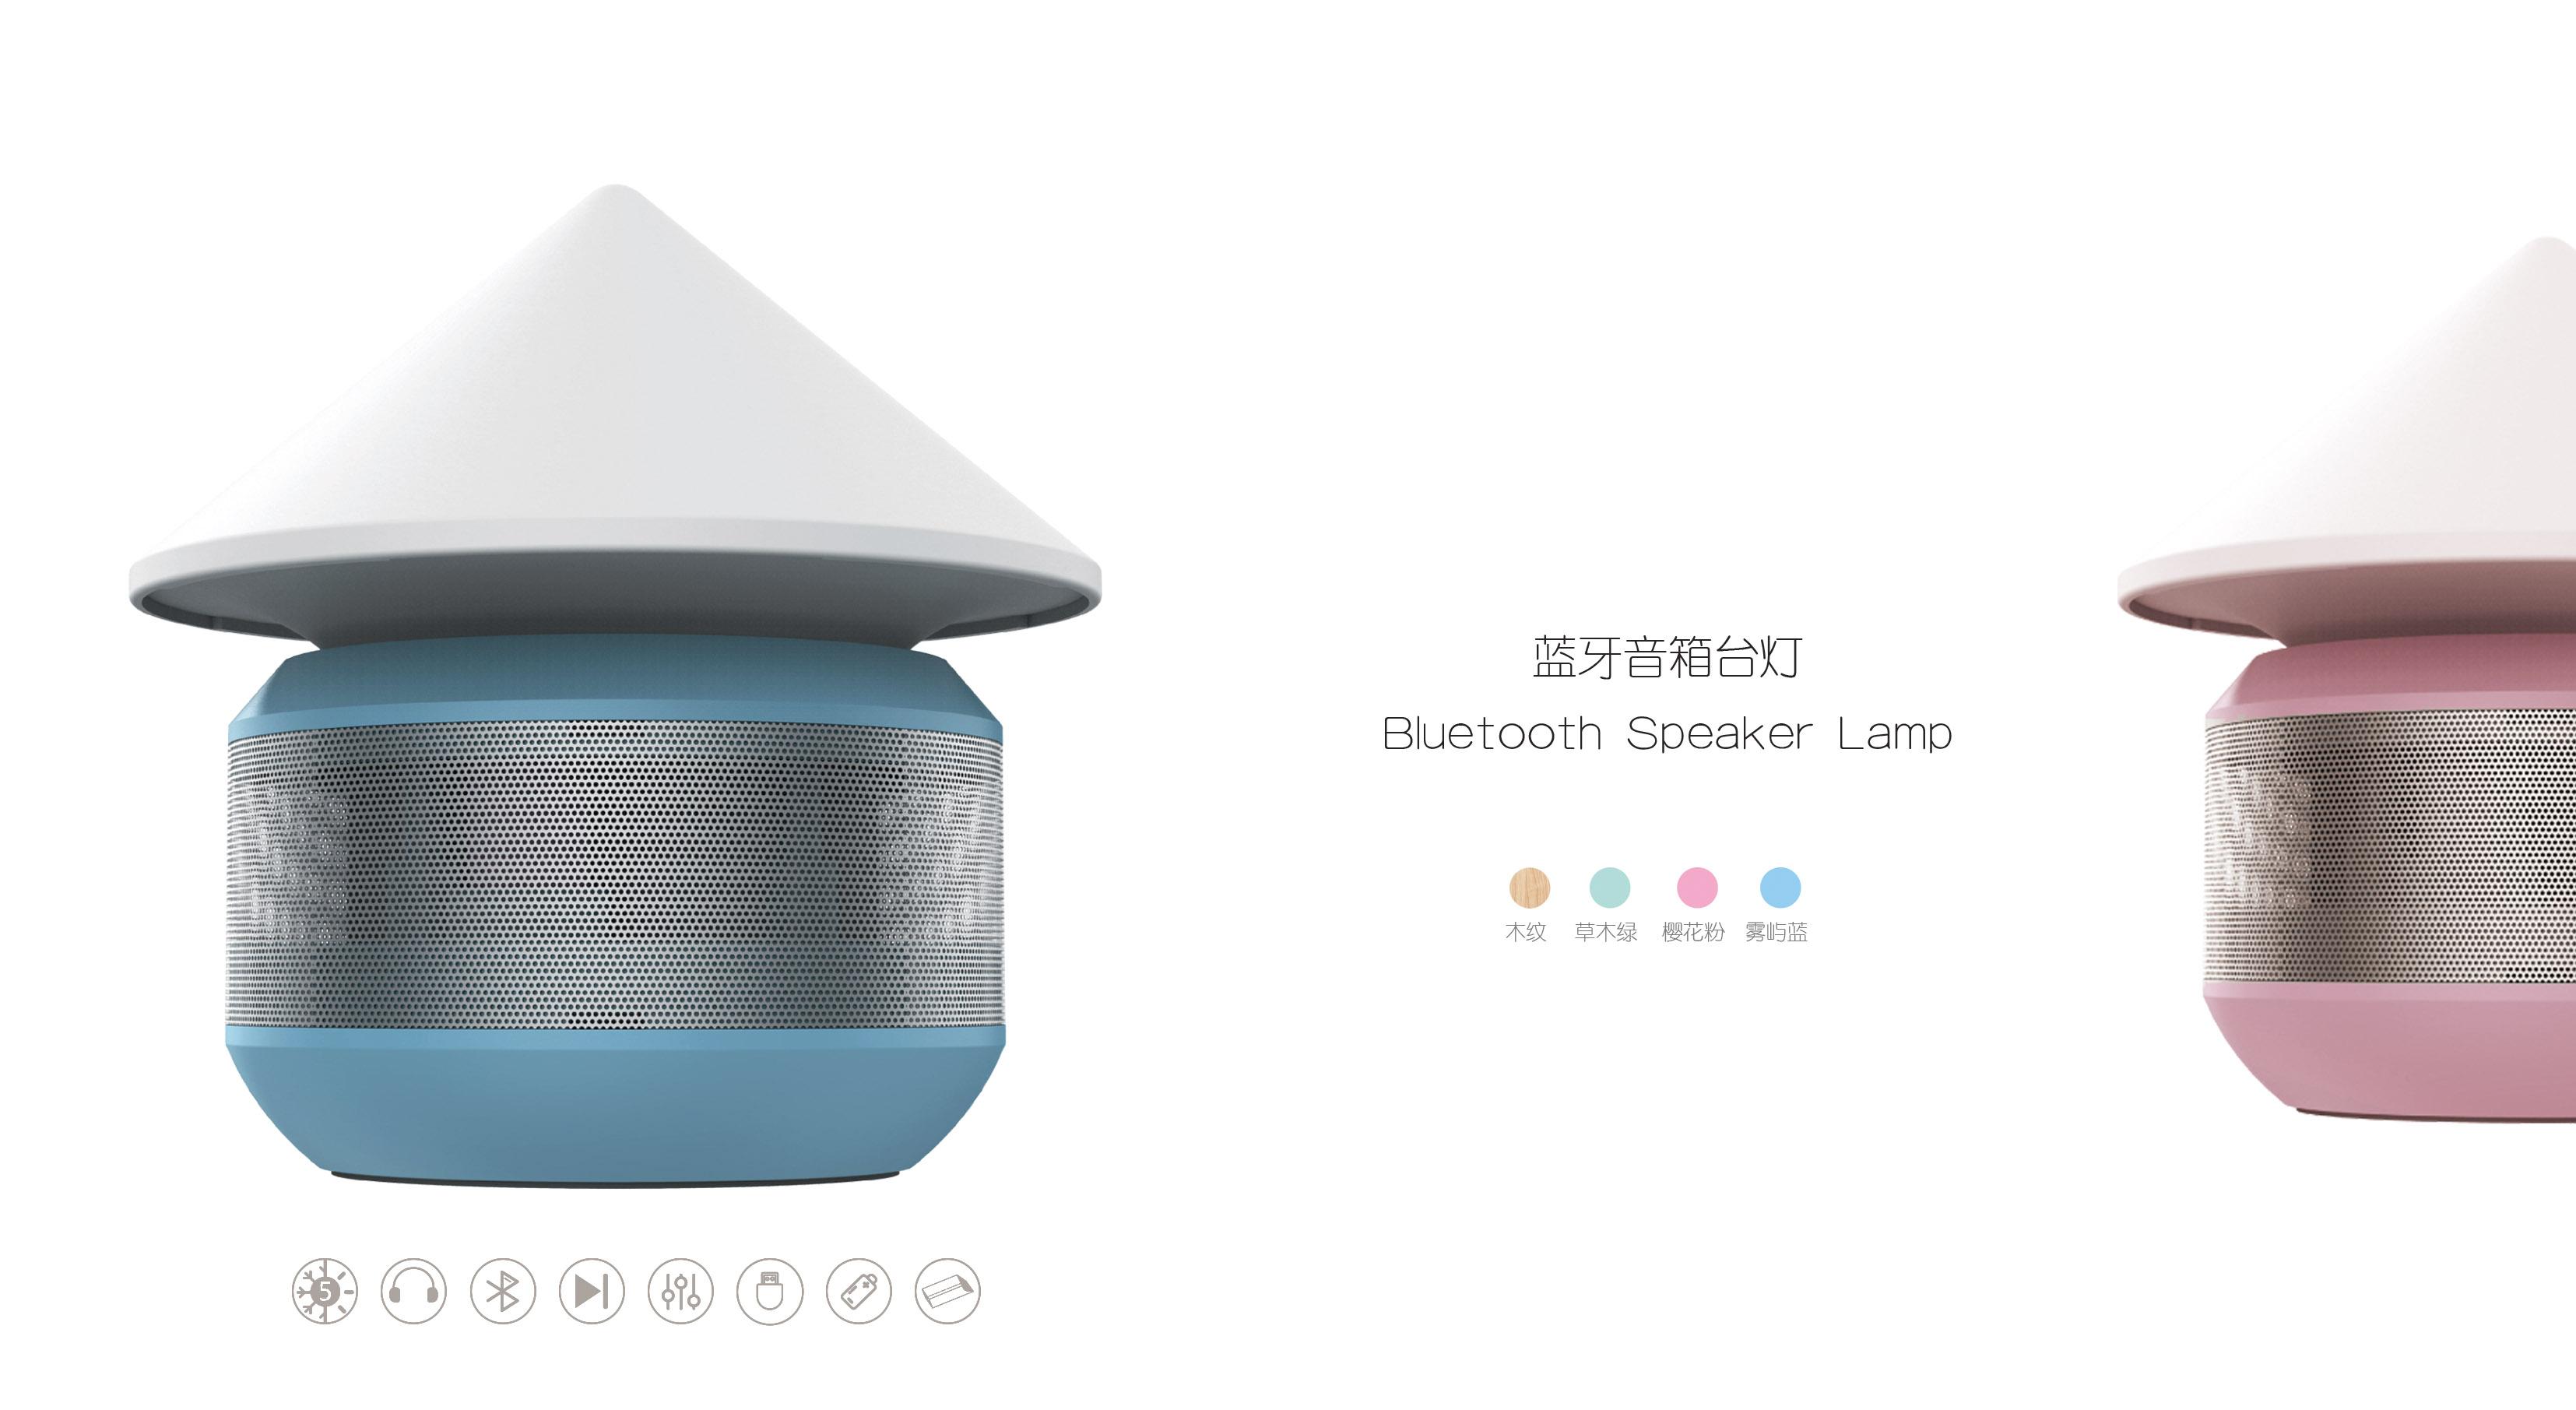 室内及户外蓝牙音箱台灯_产品设计-来设计